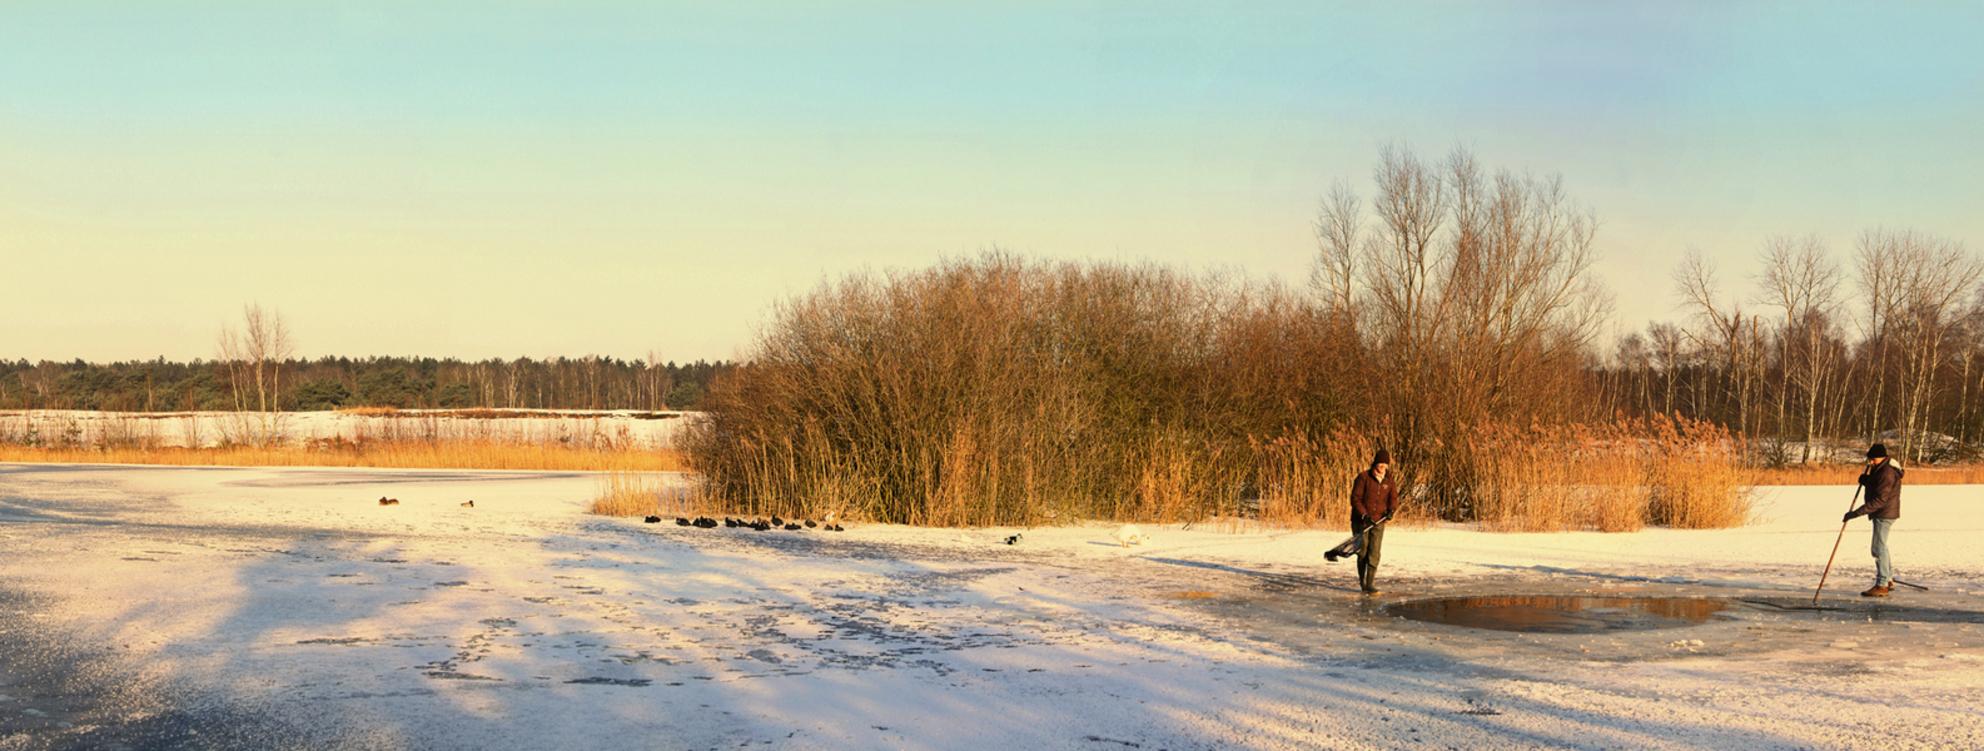 Vogelbescherming in de Sahara - Aanvulling bij de vorige upload een panorama gemaakt uit 8 vertikale fotos. Rond 10 h 's ochtends gemaakt met behulp van het warme ochtendlicht in de - foto door kosmopol op 08-02-2012 - deze foto bevat: winter, lommel, wak, kosmopol, natuurbeschermers - Deze foto mag gebruikt worden in een Zoom.nl publicatie